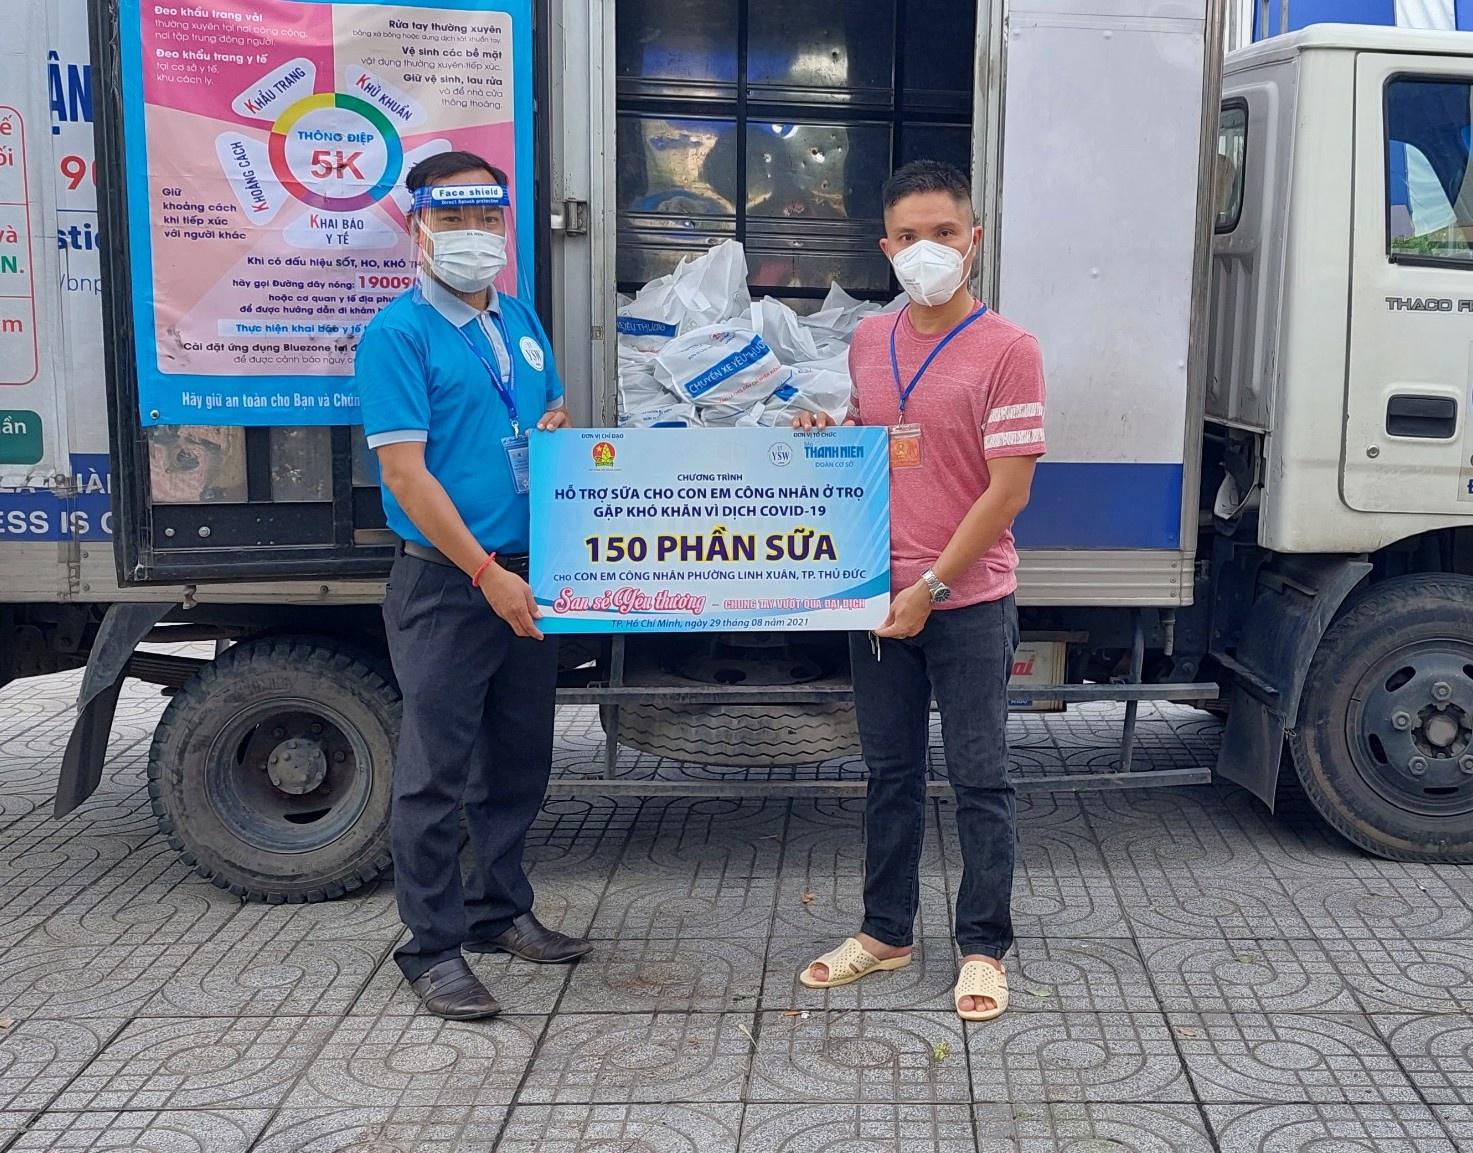 Công nhân treo bảng cầu cứu sữa cho con, nghẹn ngào khi nhận được hỗ trợ - ảnh 9